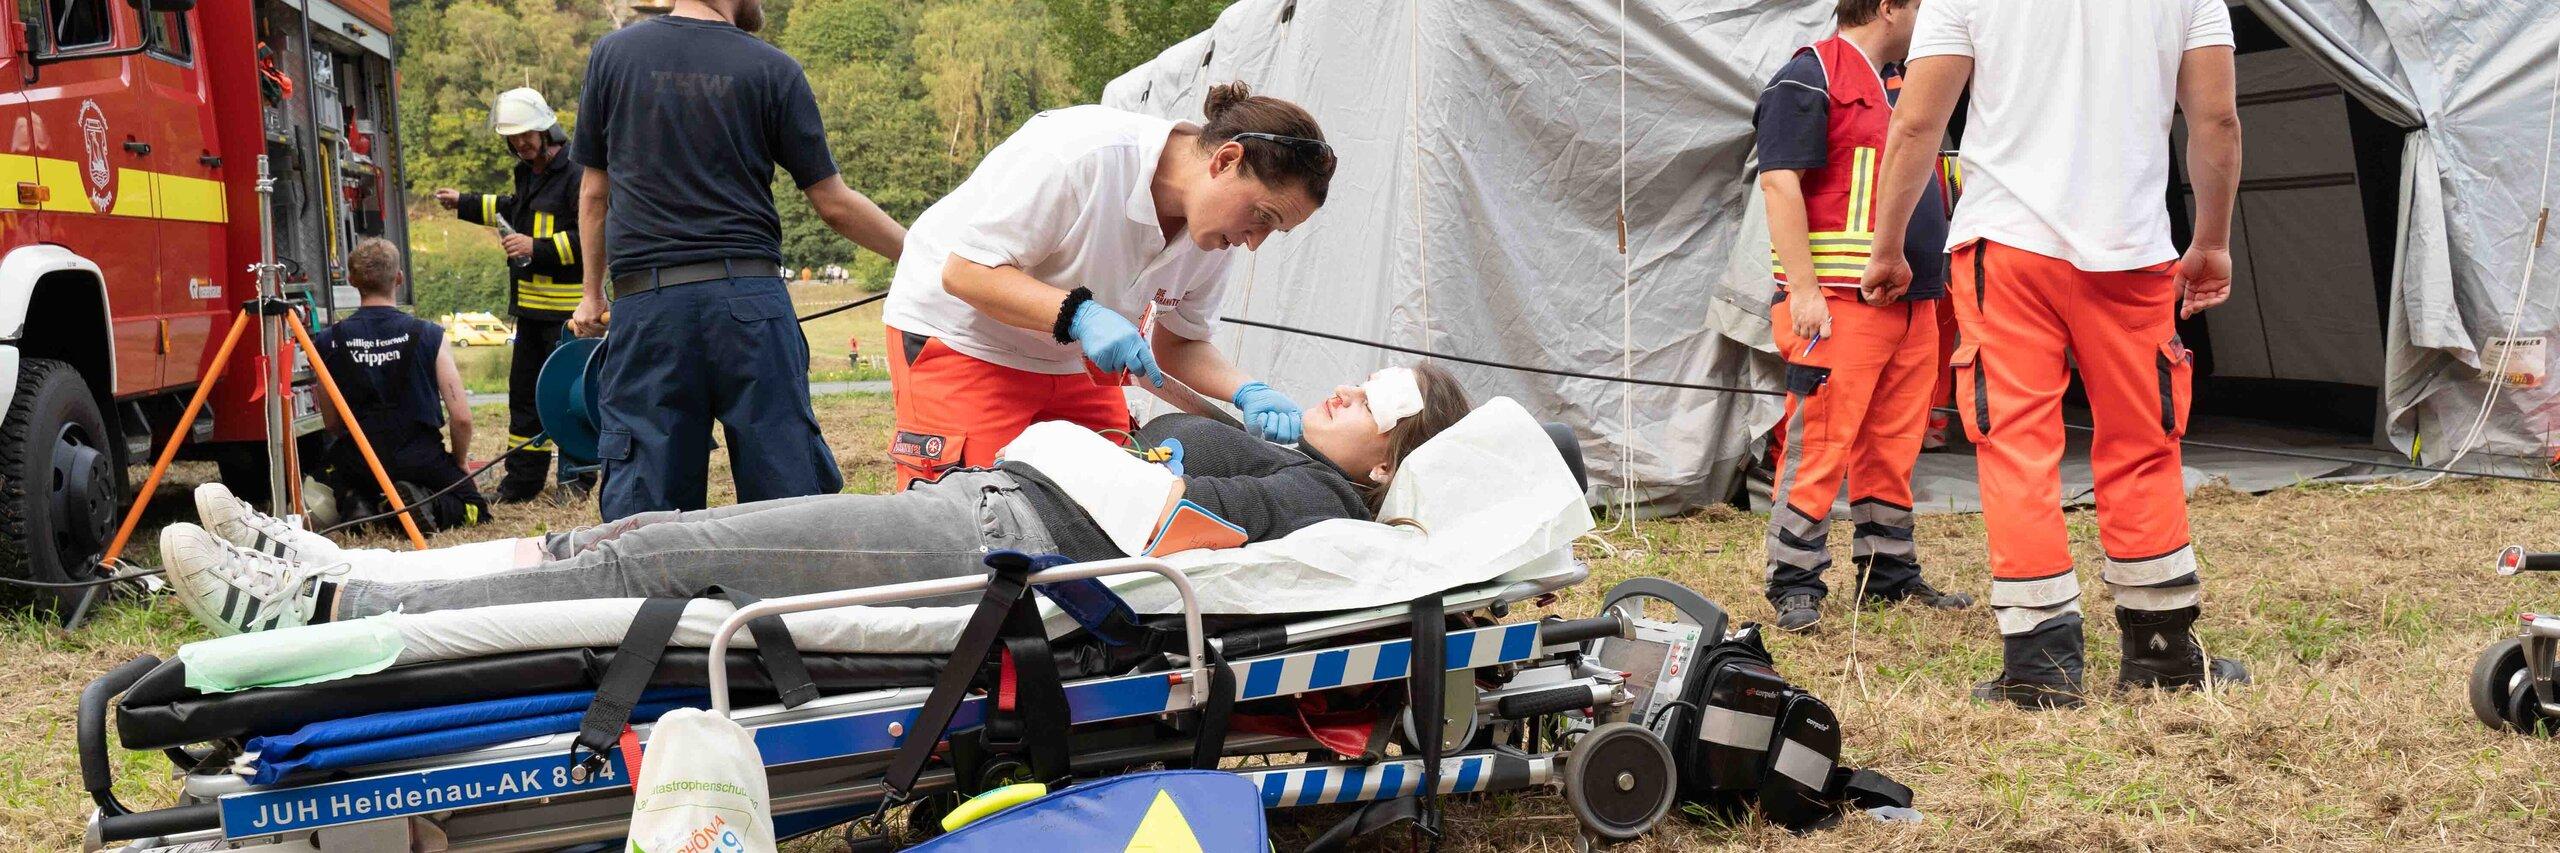 Katastrophenschützer aus Dresden versorgen bei Übung einen Verletzten